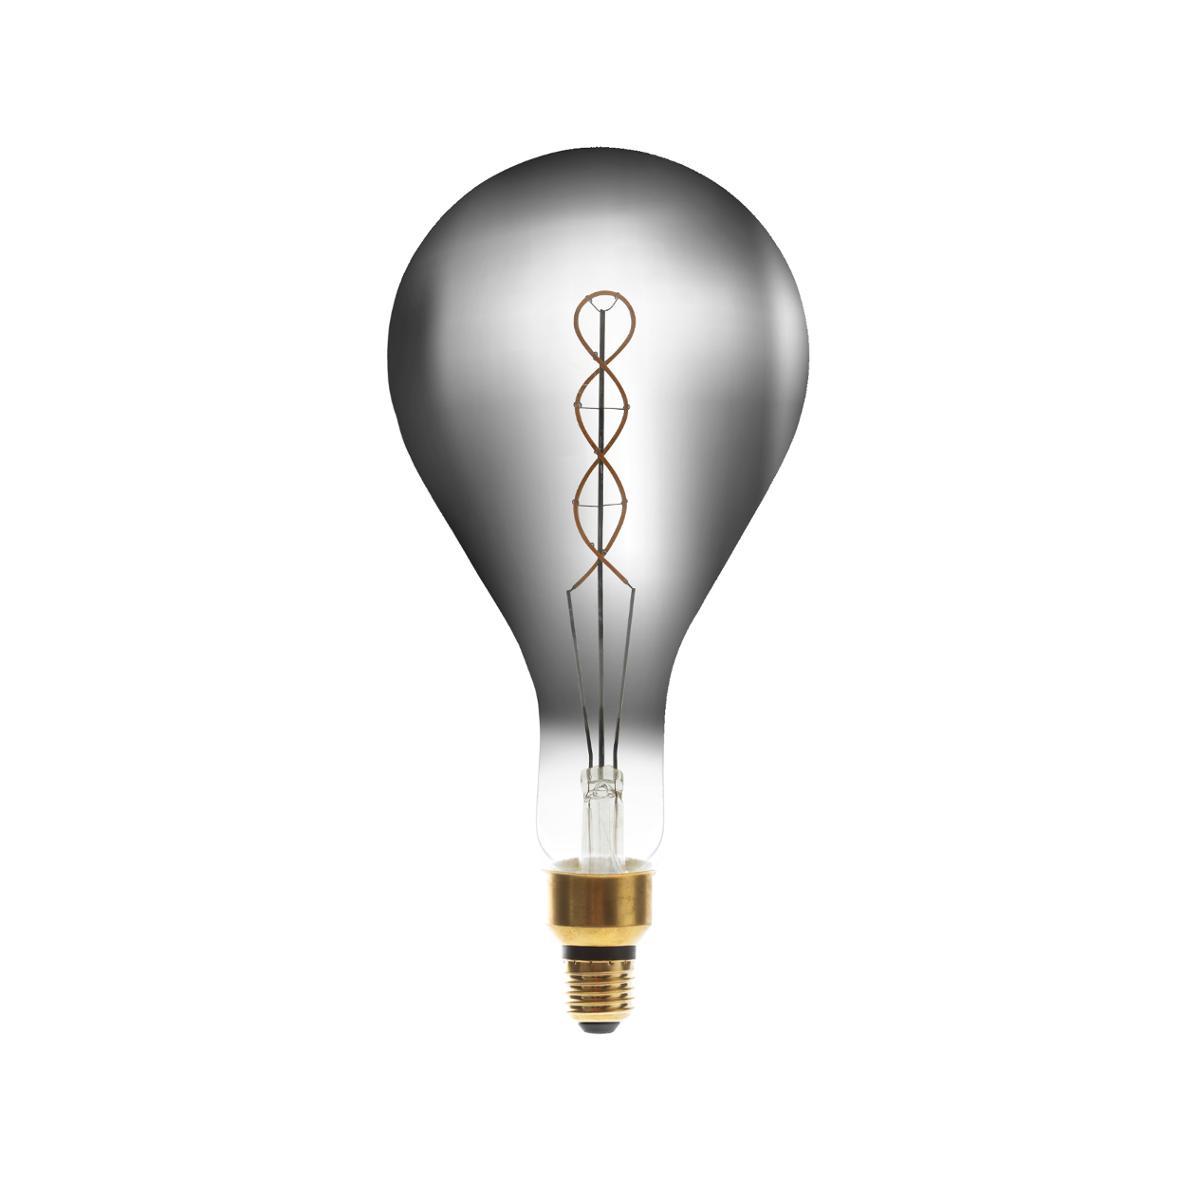 Ampoule LED Torsad Fumée PS160 6W